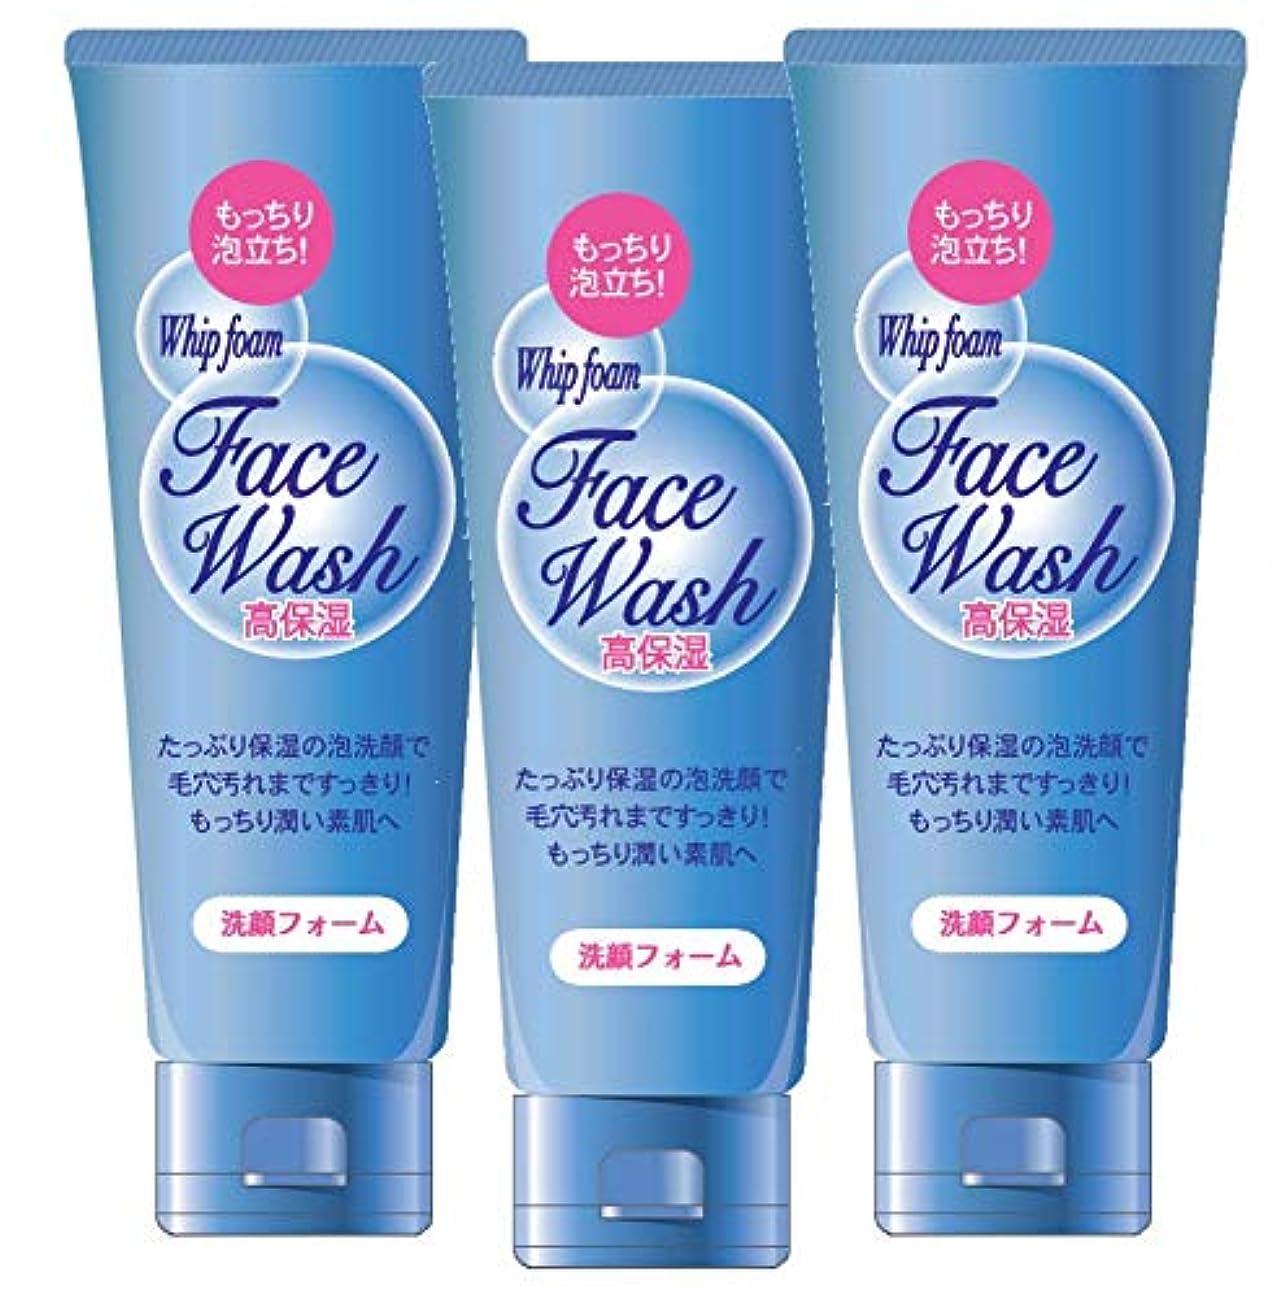 ほぼかすかなストライプたっぷり泡洗顔フォーム150g (150g*3本)